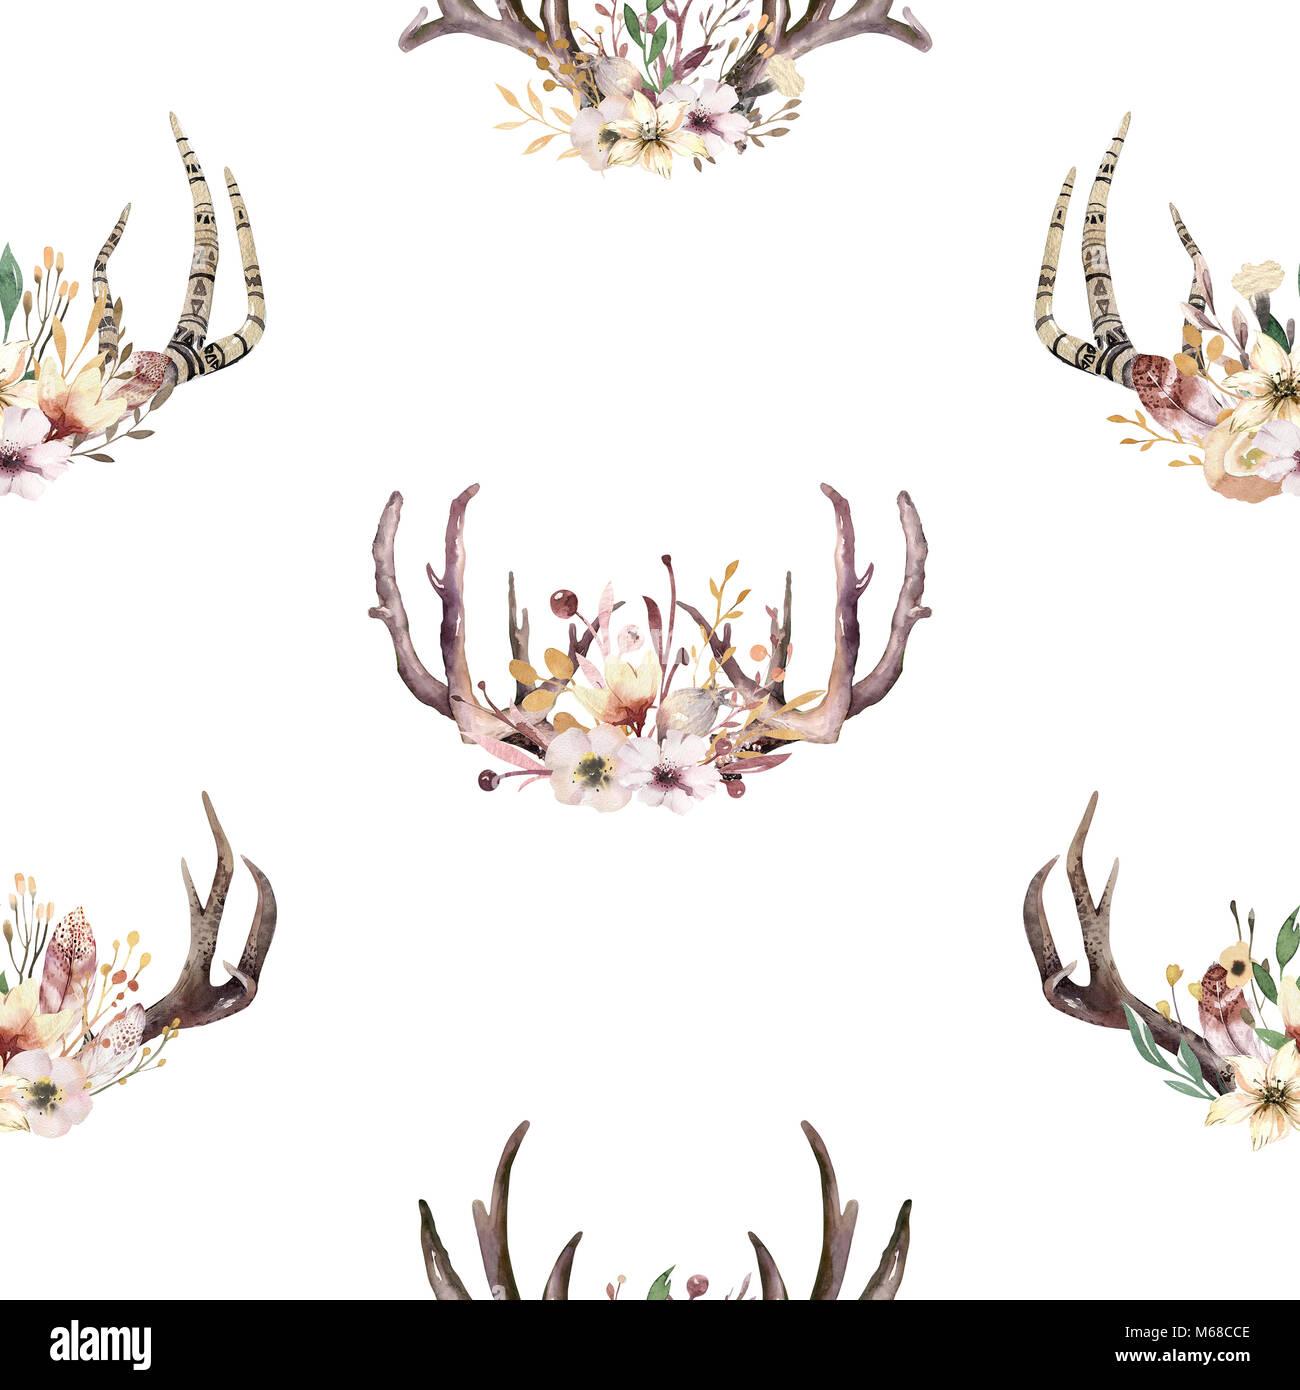 Motif de l 39 aquarelle transparente bohemiamn boho floral - Deco printempsidees avec fleurs et motif floral ...